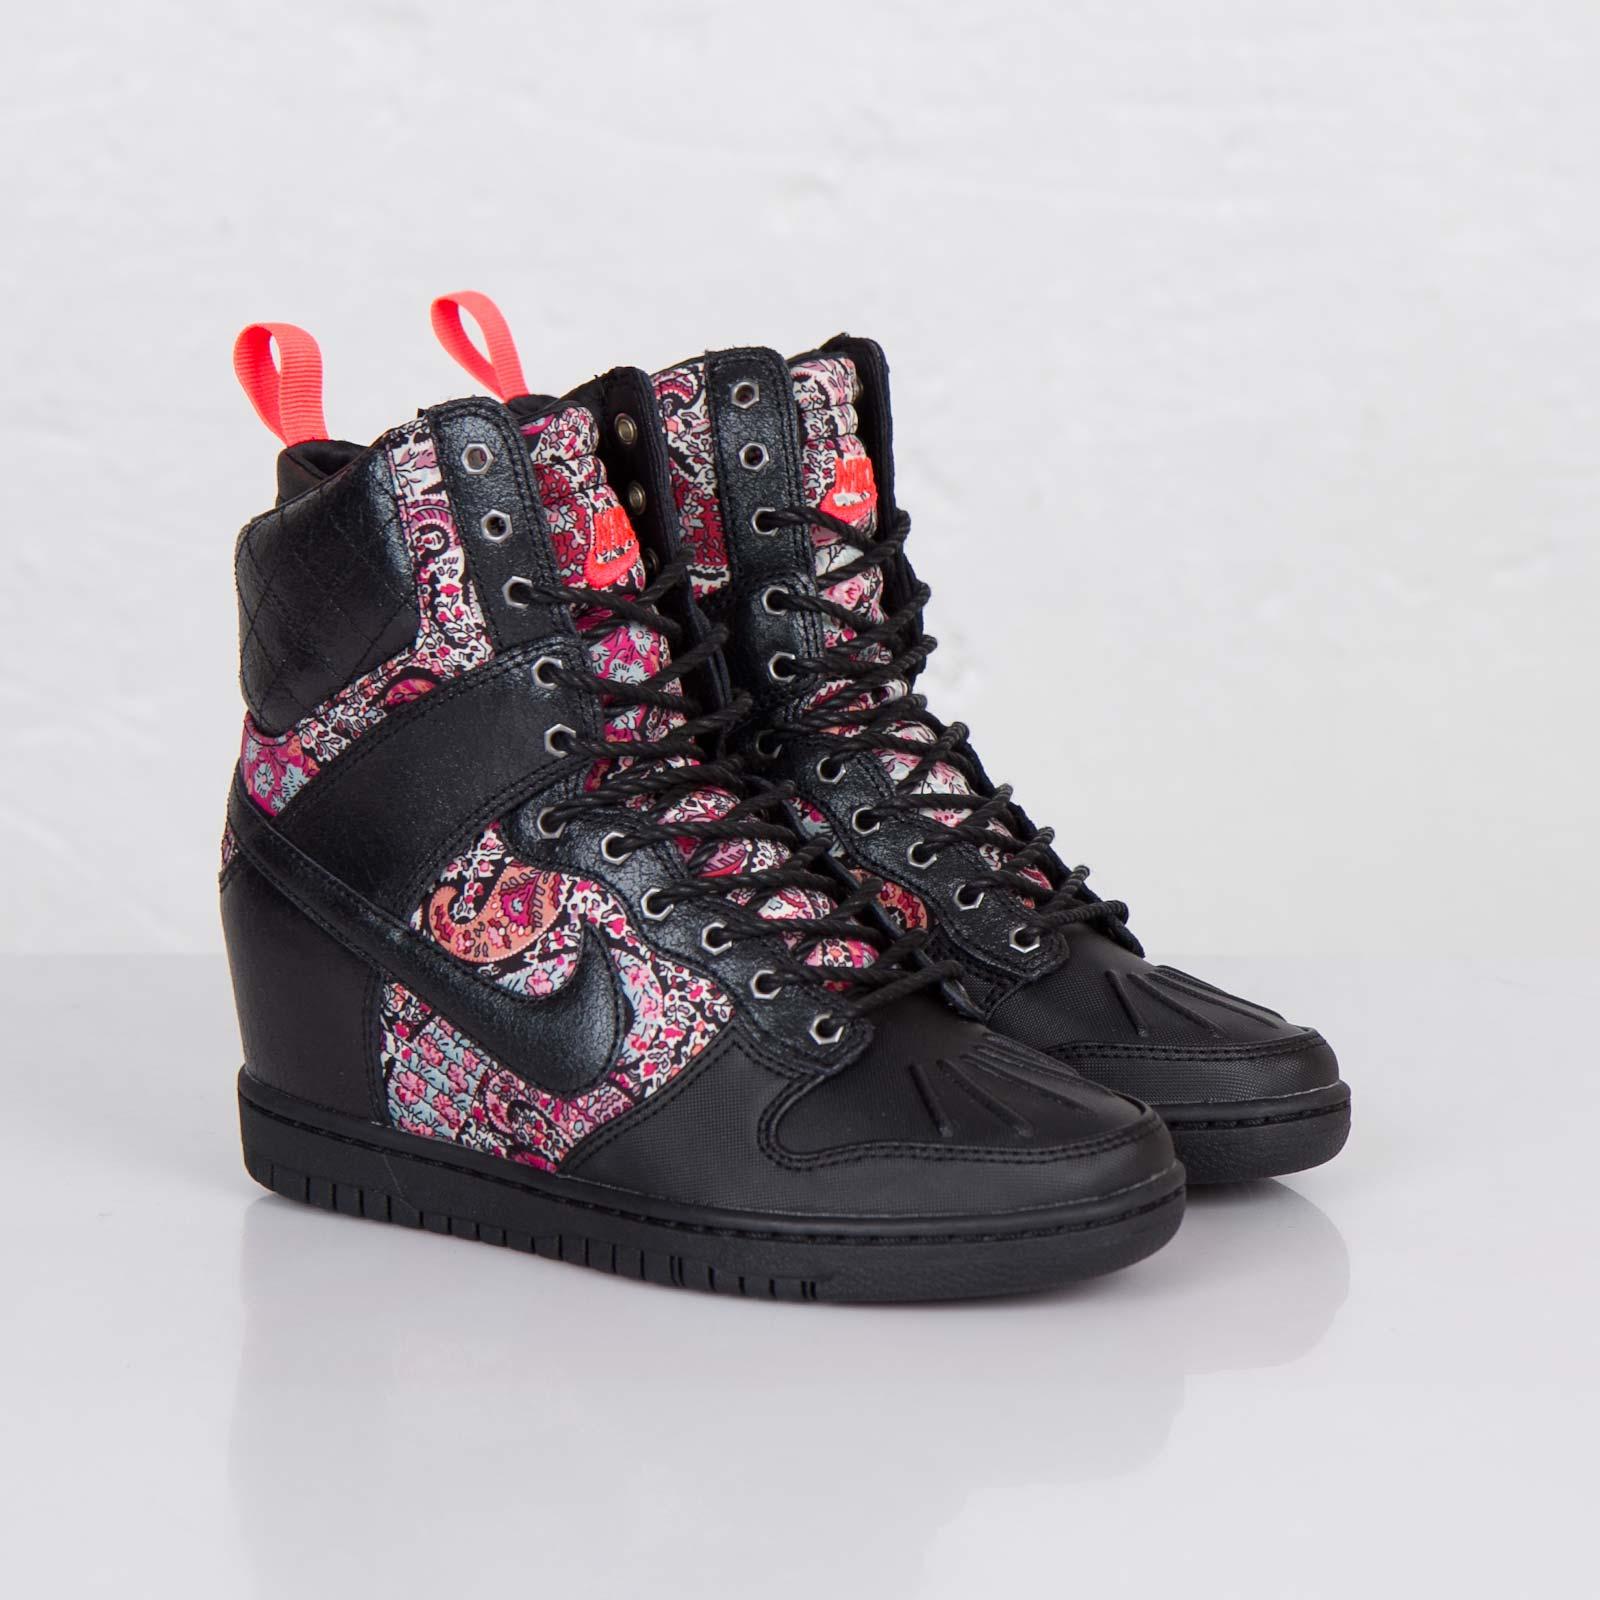 super popular 9beeb 2c954 Nike Wmns Dunk Sky Hi Sneakerboot Liberty QS - 632180-006 ...